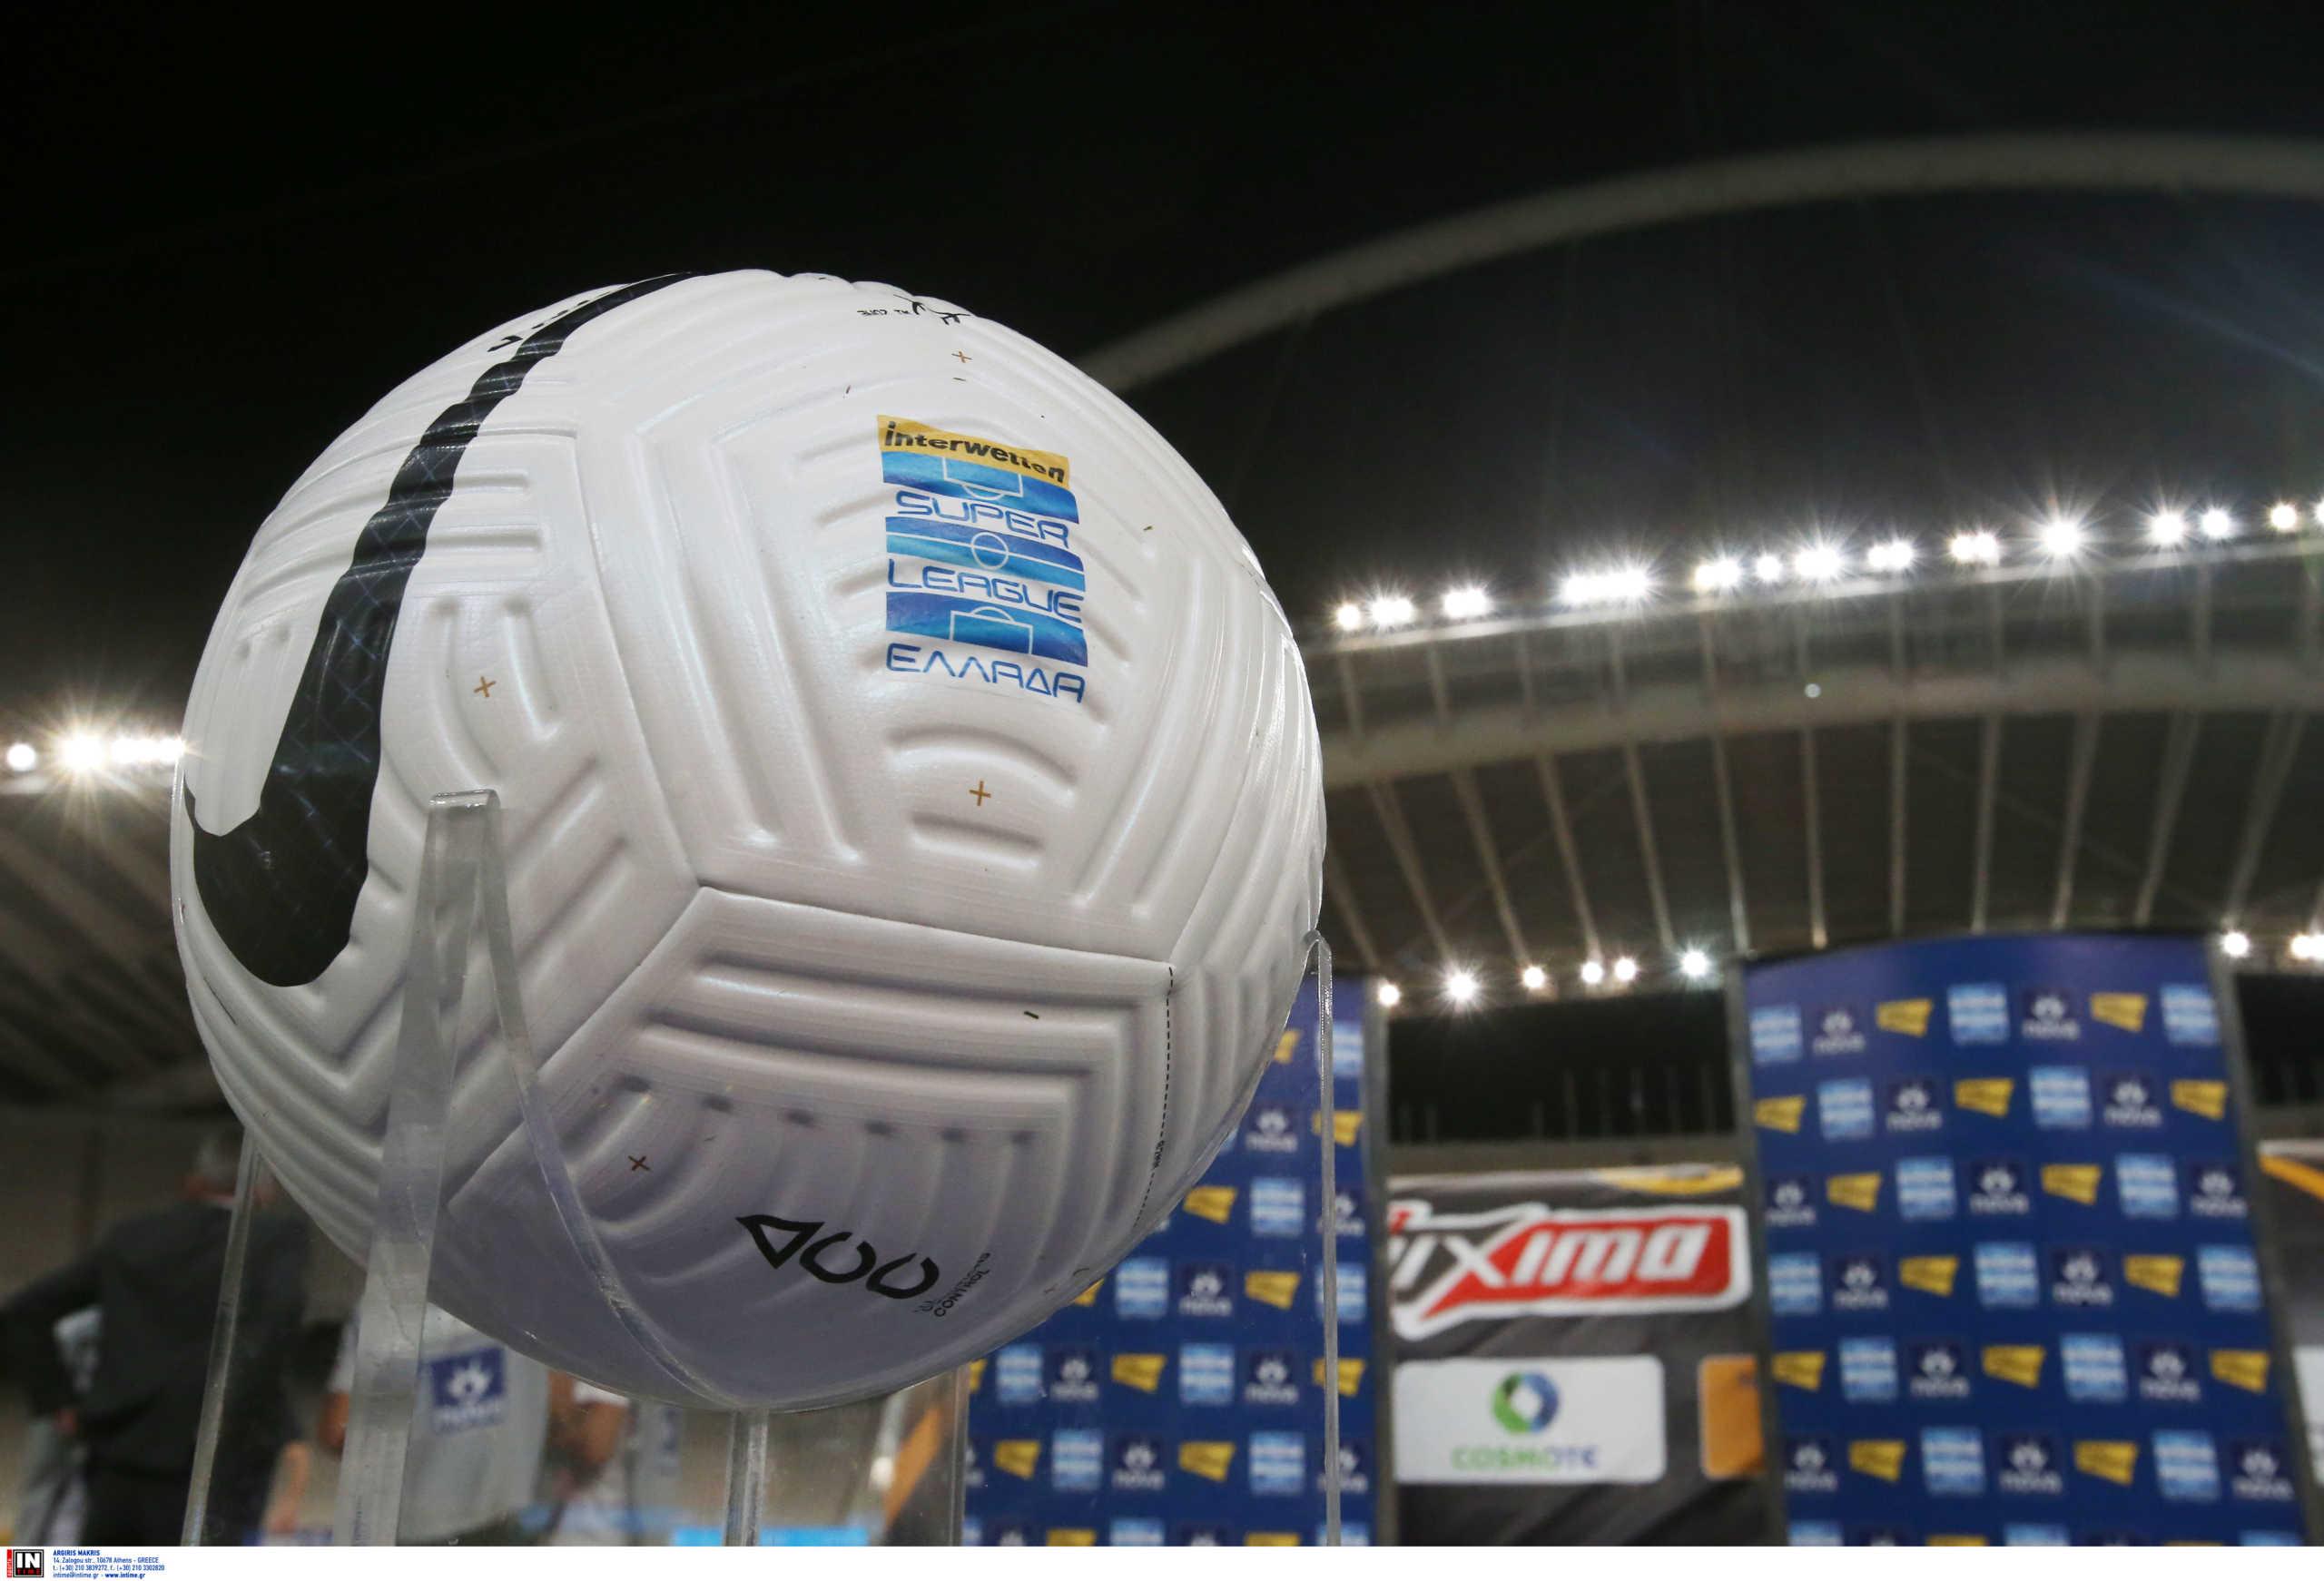 Βαθμολογία Superleague: Δεύτερη η ΑΕΚ αλλά «κινδυνεύει» να μείνει πέμπτη